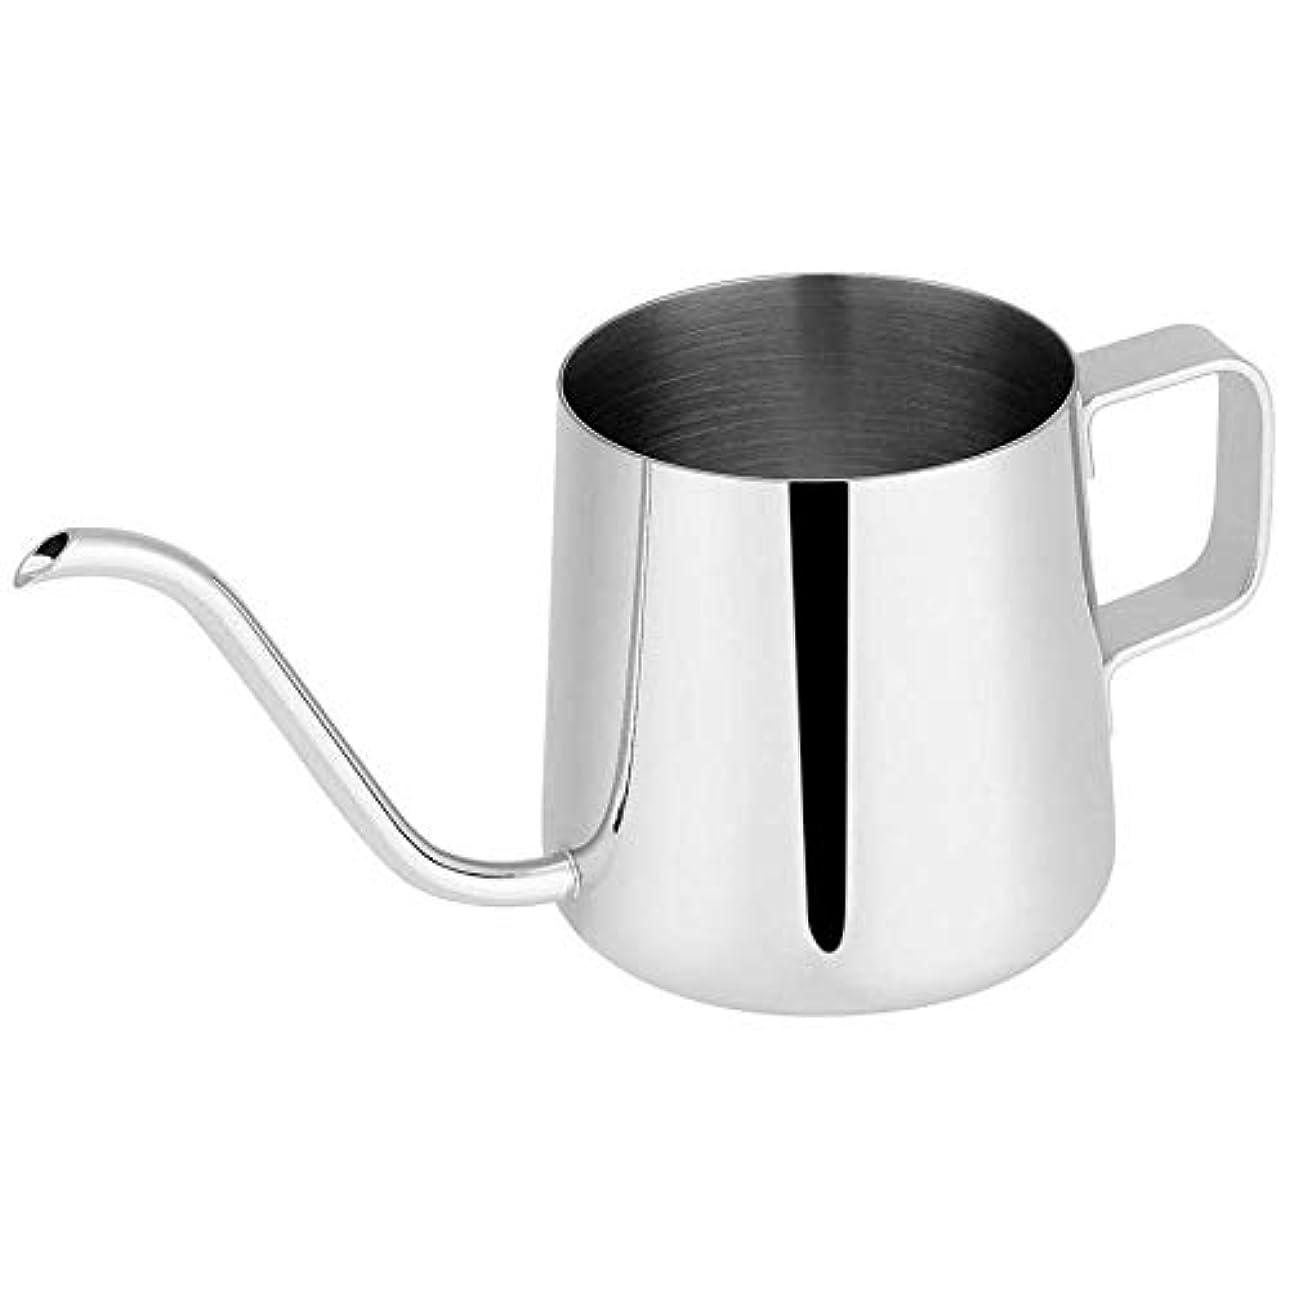 速報管理する電話するTYUIO 長い狭い口のコーヒーポット[小さい] - コーヒーメーカー、掛かる耳のコーヒーバッグの恋人のための滴り鍋の上の新しさ304のステンレス鋼の掛かる耳手の鈍い注ぎ口 (色 : シルバー しるば゜, サイズ さいず : 350mL)